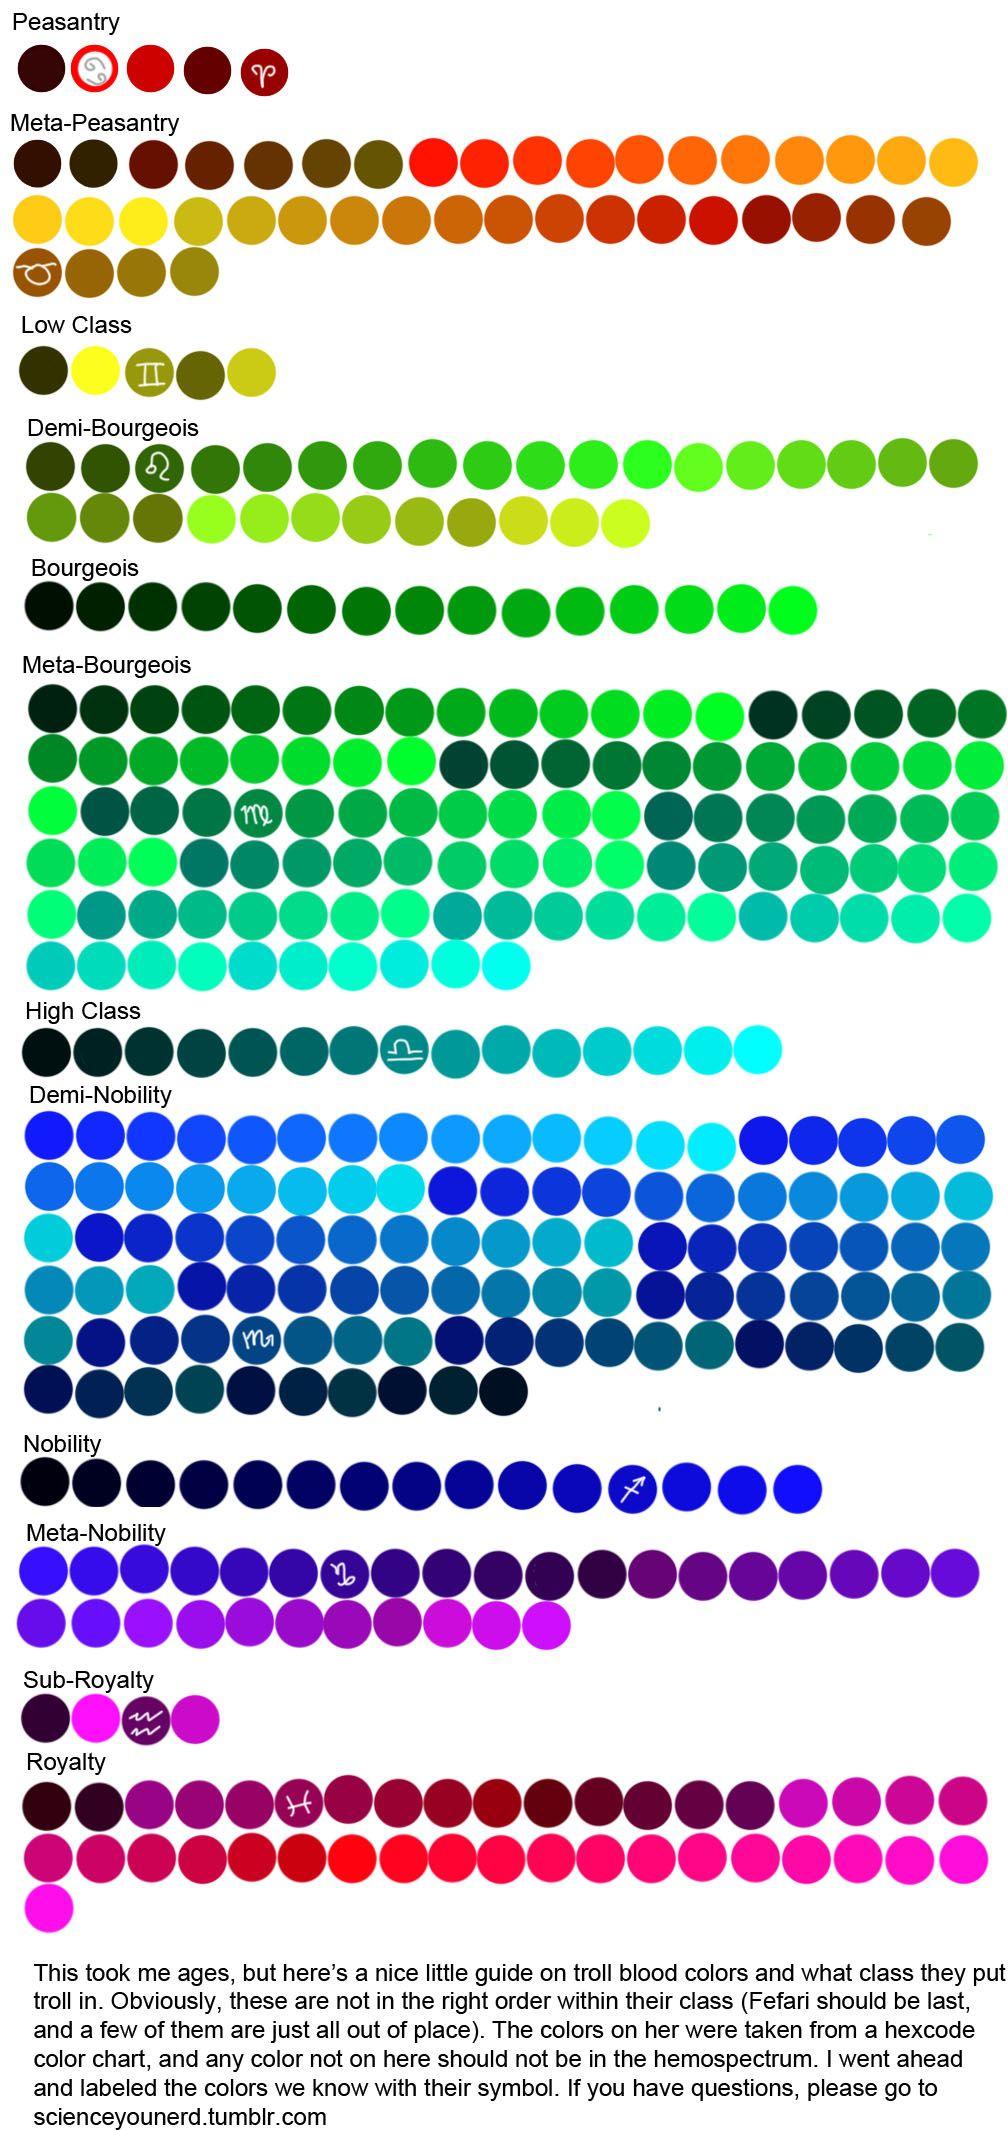 emf7N.jpg (1008×2130)